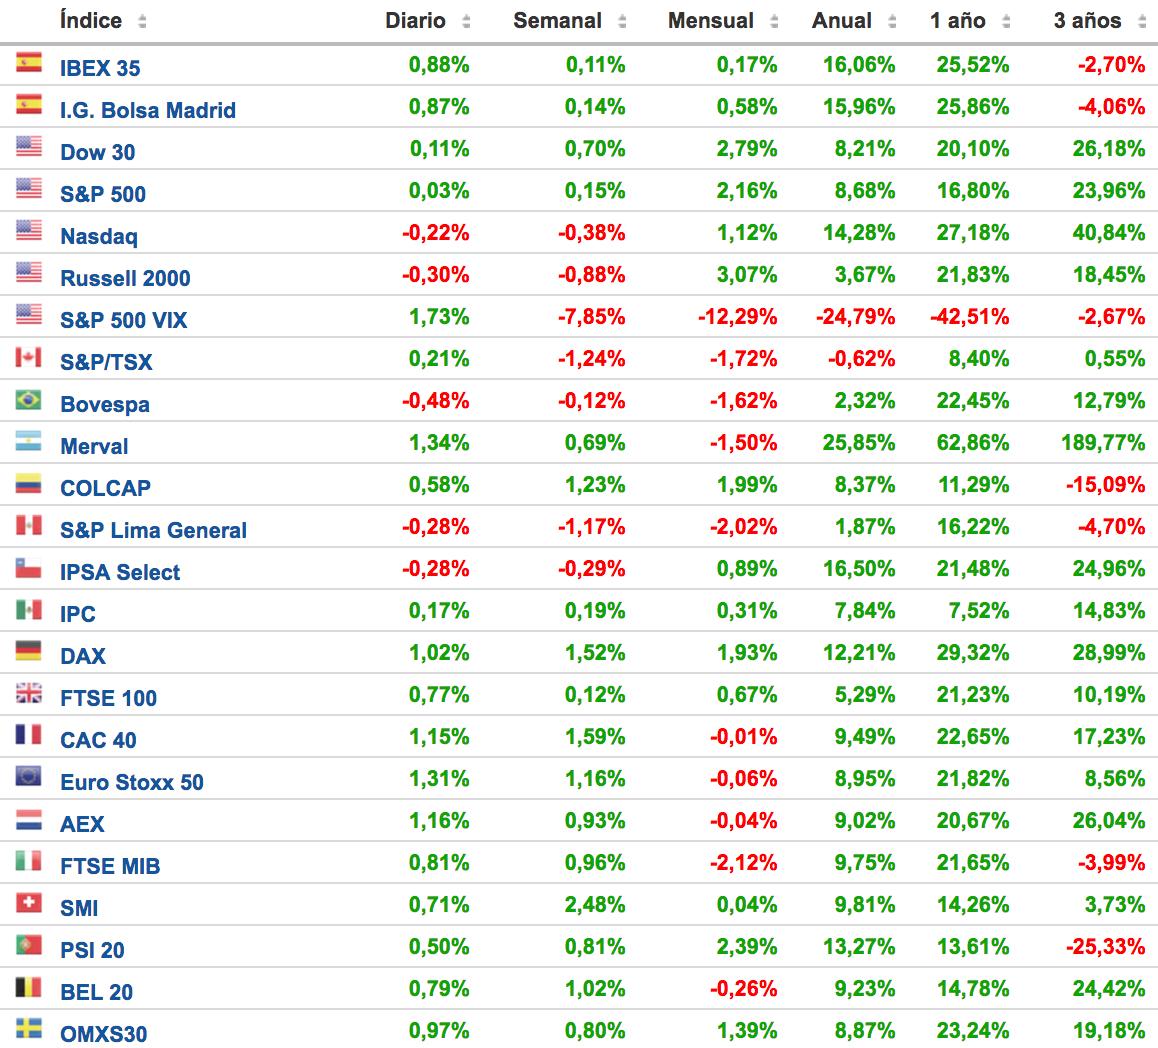 comportamiento de los principales índices bursátiles. Altair Finance